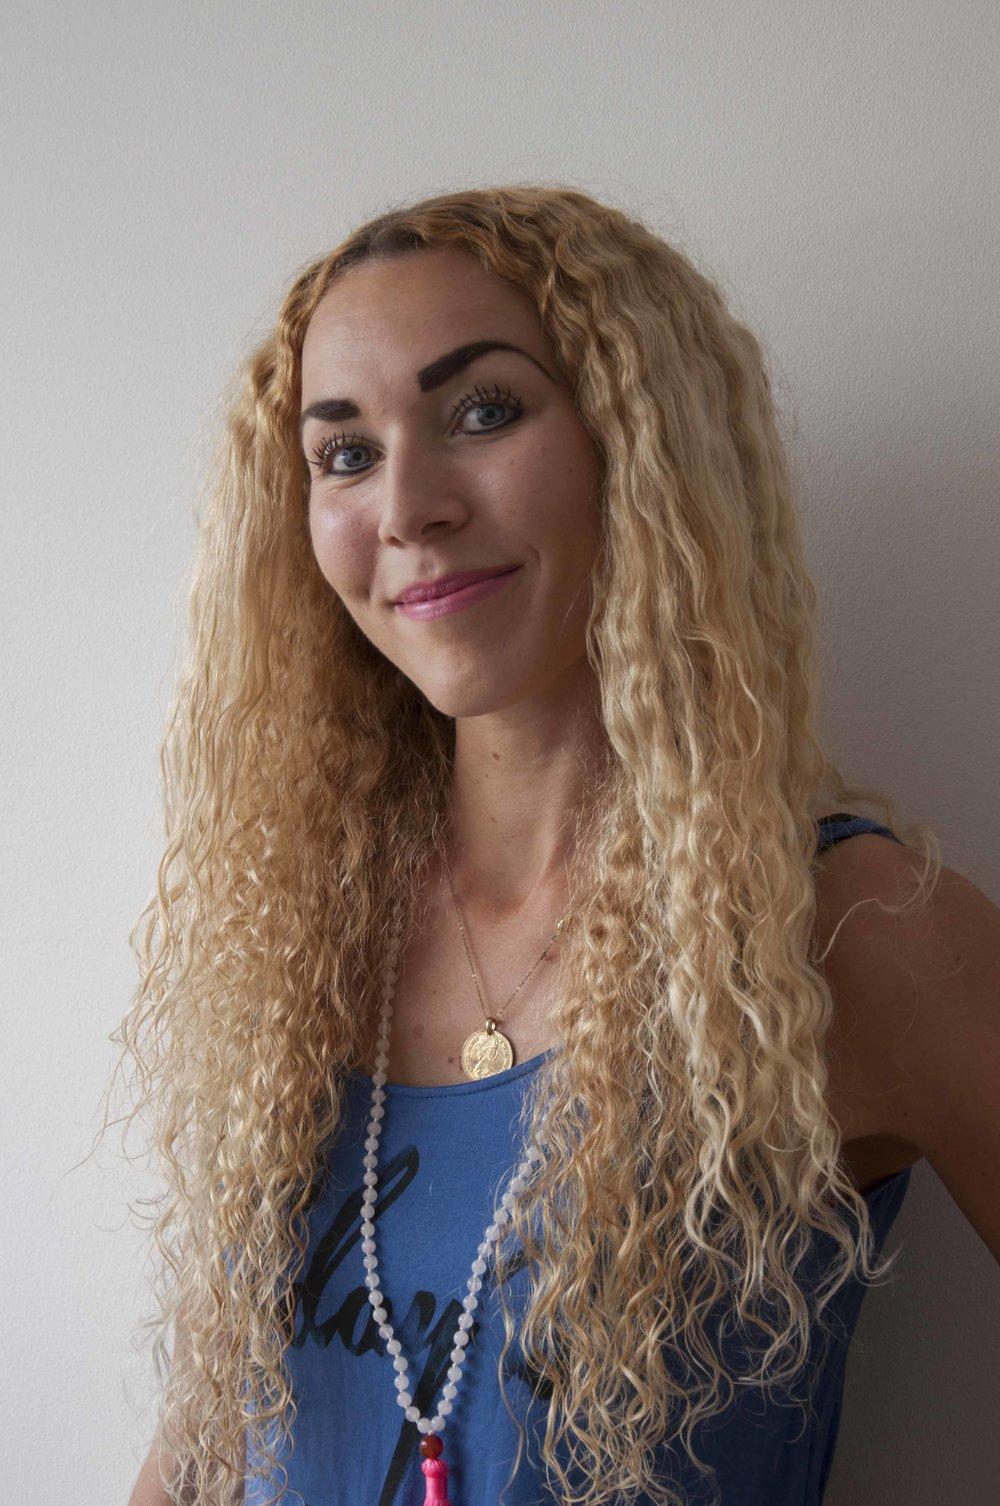 Rosalie van den Boogaard   Na mijn studie Gezondheidswetenschappen en Oefentherapie ben ik sinds een aantal jaar met plezier werkzaam in de gezondheidszorgsector. Voor mij is dit, samen met het geven van yogalessen, een mooie combinatie tussen body & mind.  Begin 2016 ben ik aan mijn 200-urige Hatha yoga opleiding begonnen omdat ik yoga geweldig vind! Het is leuk, ontspannend en het geeft inzicht in mezelf. Ik beoefen, geef yoga-les, lees veel en probeer allerlei soorten yoga uit. Om nog meer met yoga bezig te zijn ben ik de blog 'welikeyoga' begonnen. Op  welikeyoga.nl  leg ik, samen met gastbloggers, allerlei aspecten van yoga uit op een praktische en luchtige manier. Mijn doel is om yoga voor iedereen begrijpelijk, toepasbaar en leuk te maken. Dit deel ik in mijn lessen en blogs om mensen enthousiast te maken en op de yogamat te krijgen.